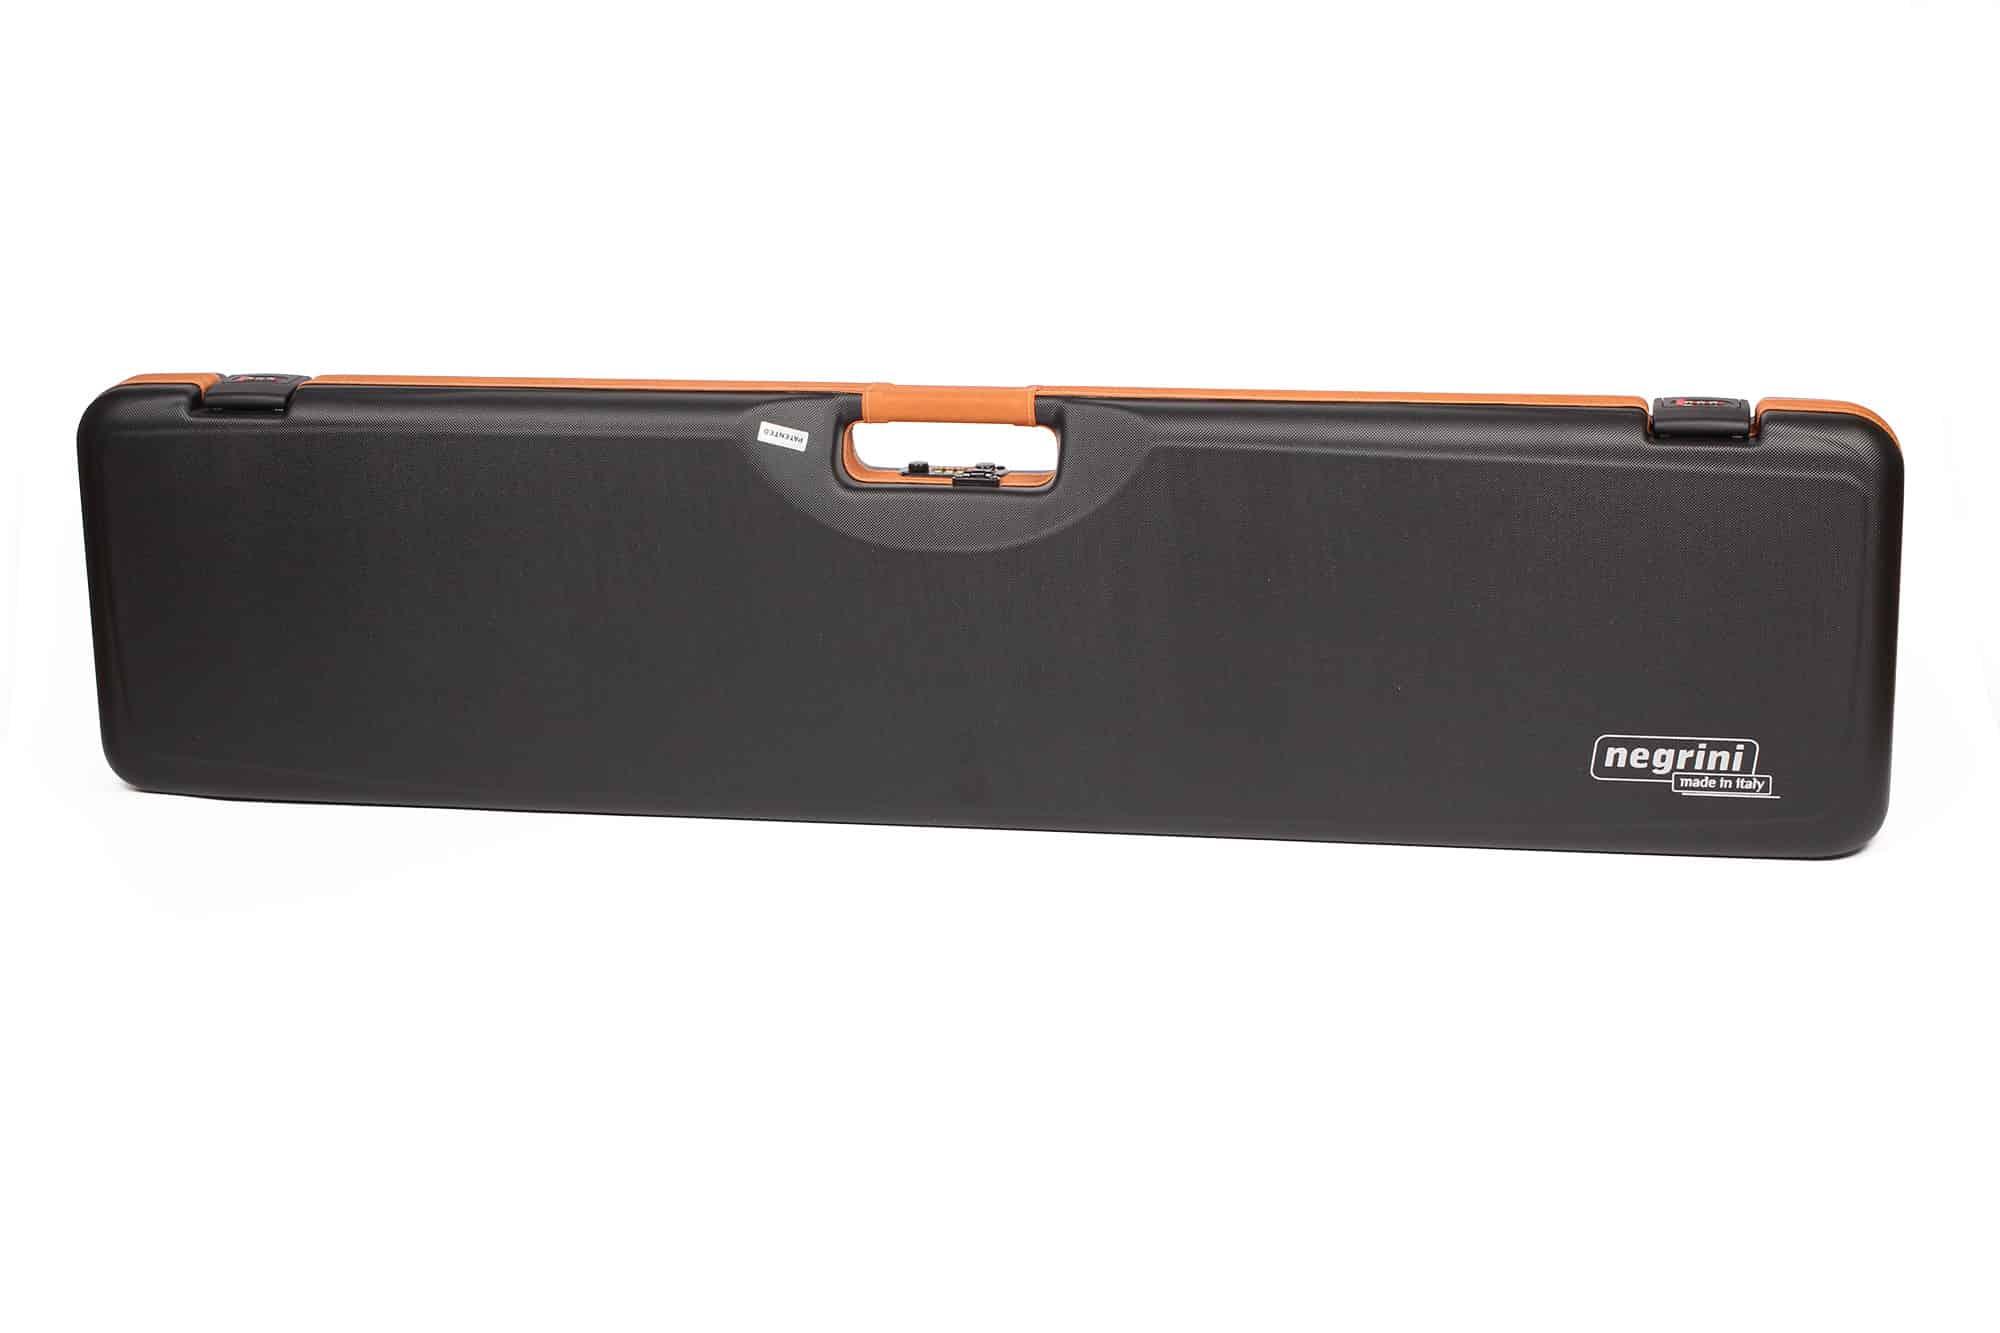 Best Gun Cases For Travel